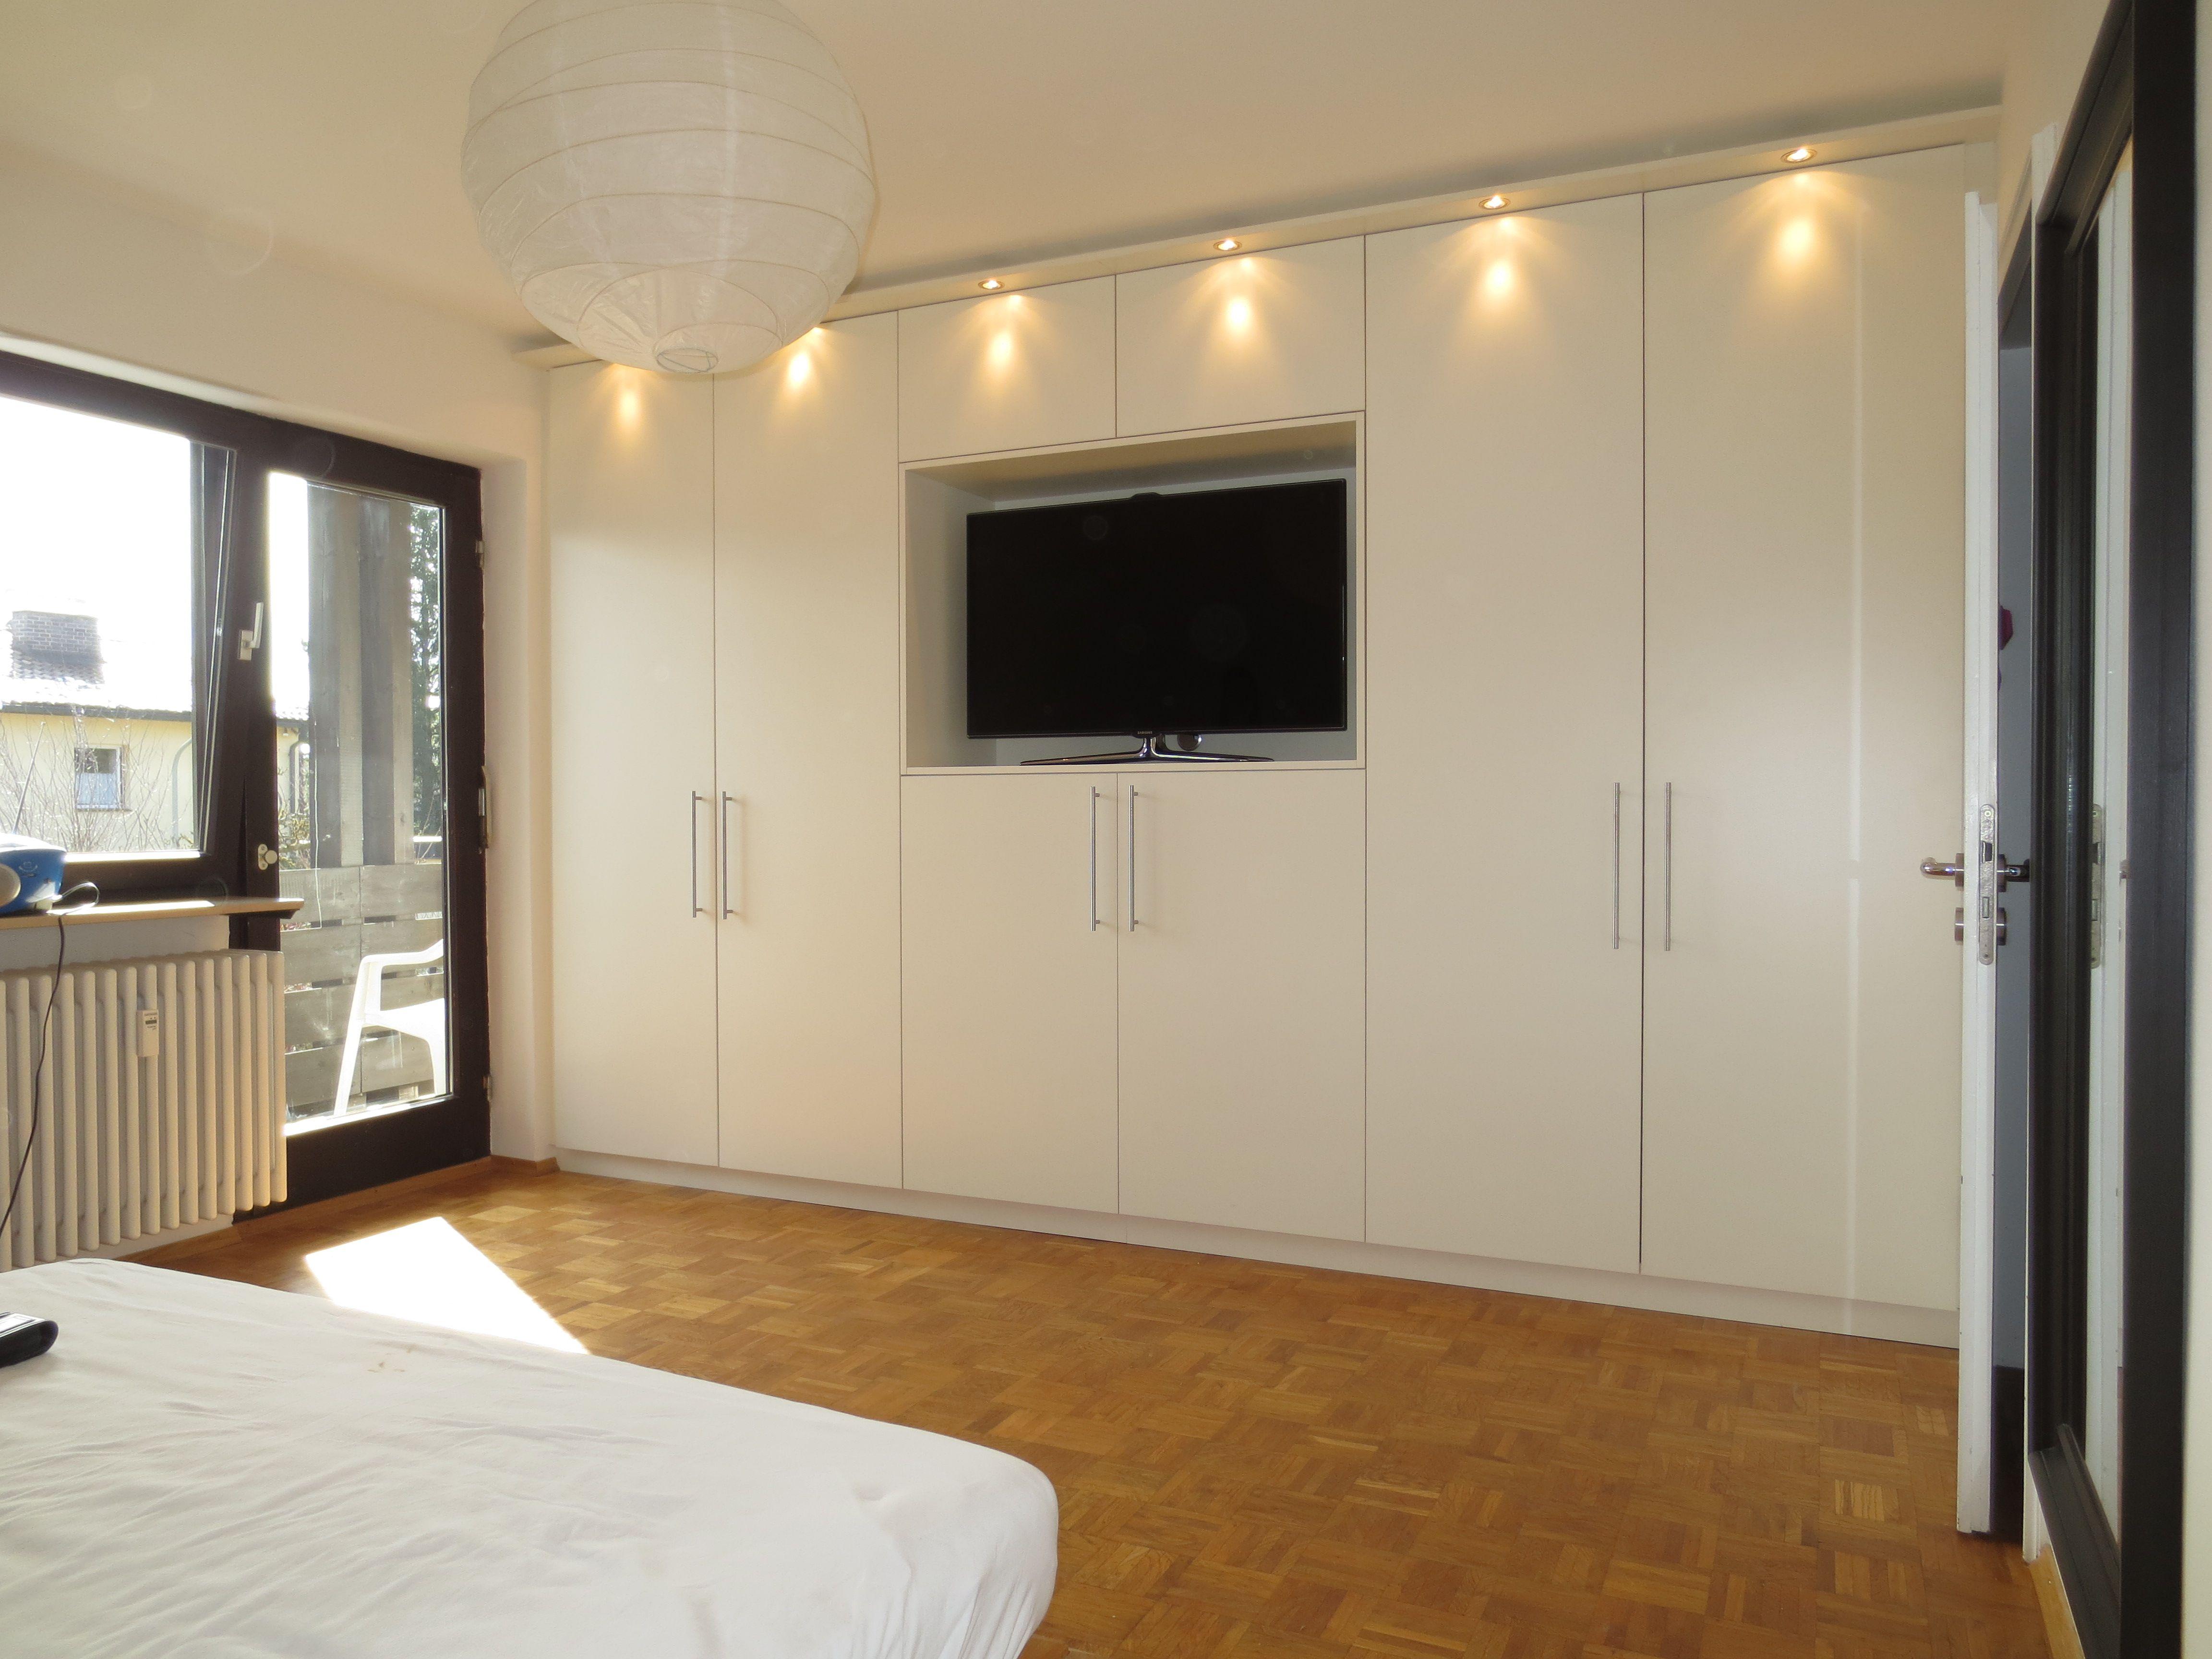 Schlafzimmerschrank Mit Integriertem Fernsehkorpus In